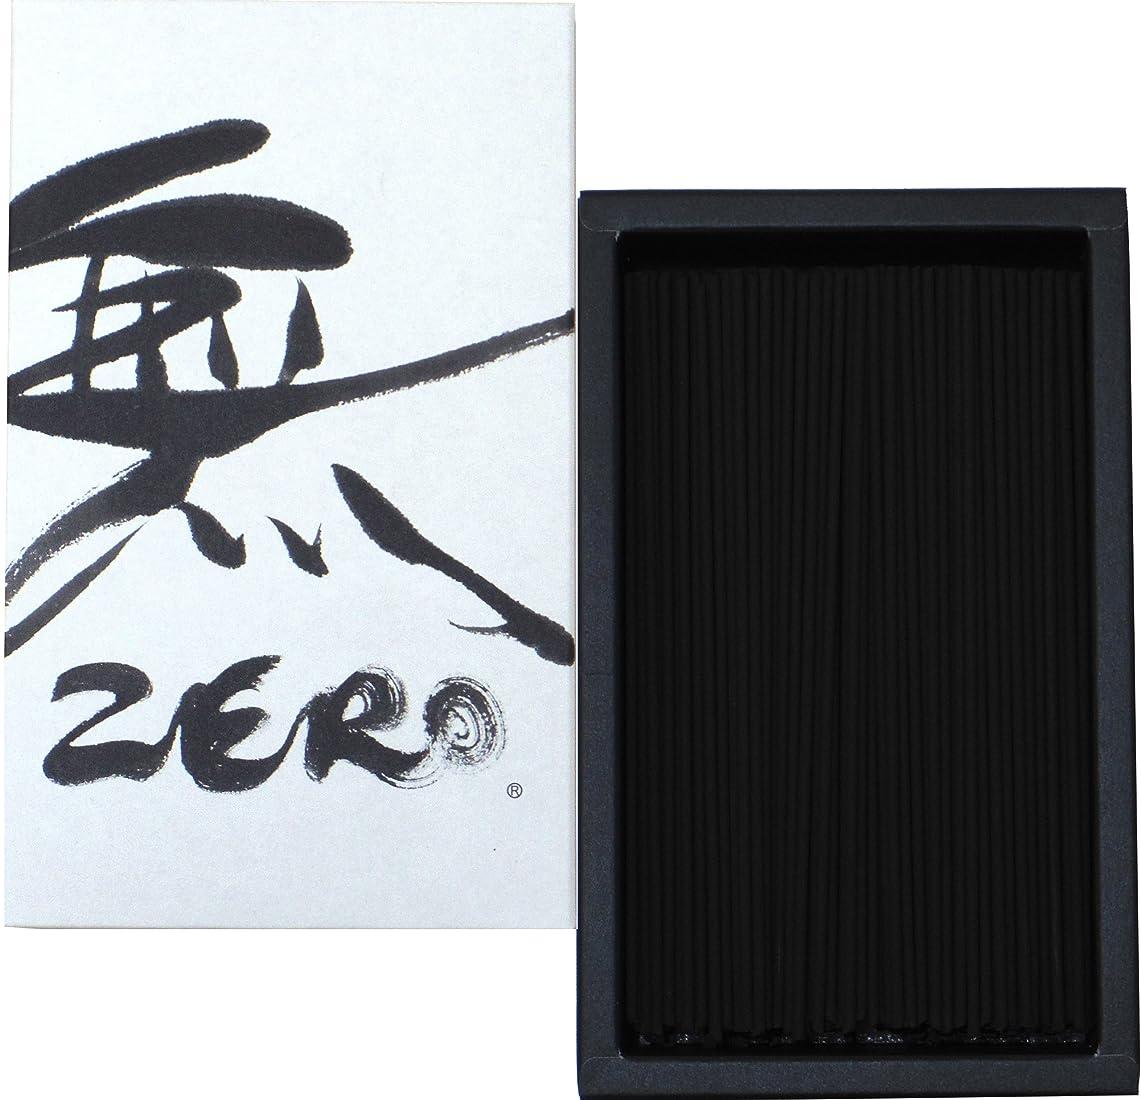 周術期ハシー生息地丸叶むらたのお線香 無 ZERO(ゼロ)大バラ 約160g #ZR-01